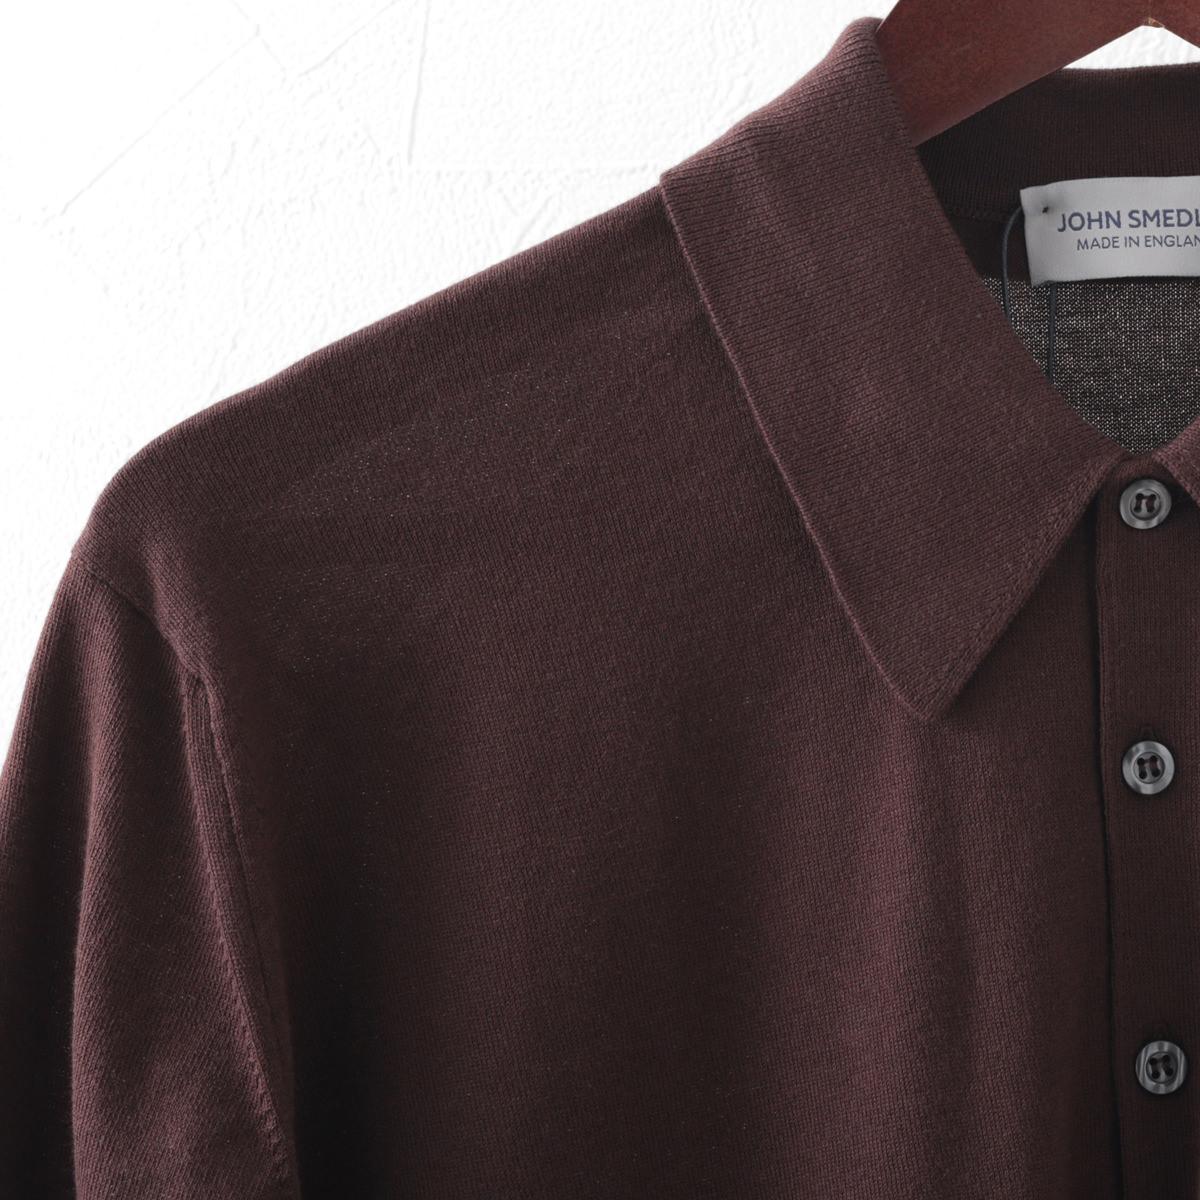 ジョンスメドレー JOHN SMEDLEY アイシス メンズ ポロシャツ ポロ ISIS シーアイランドコットン 4色 チャコール ブラック ネイビー コーヒービーン ジョンスメドレイ イージーフィット 英国製 ニット メンズ